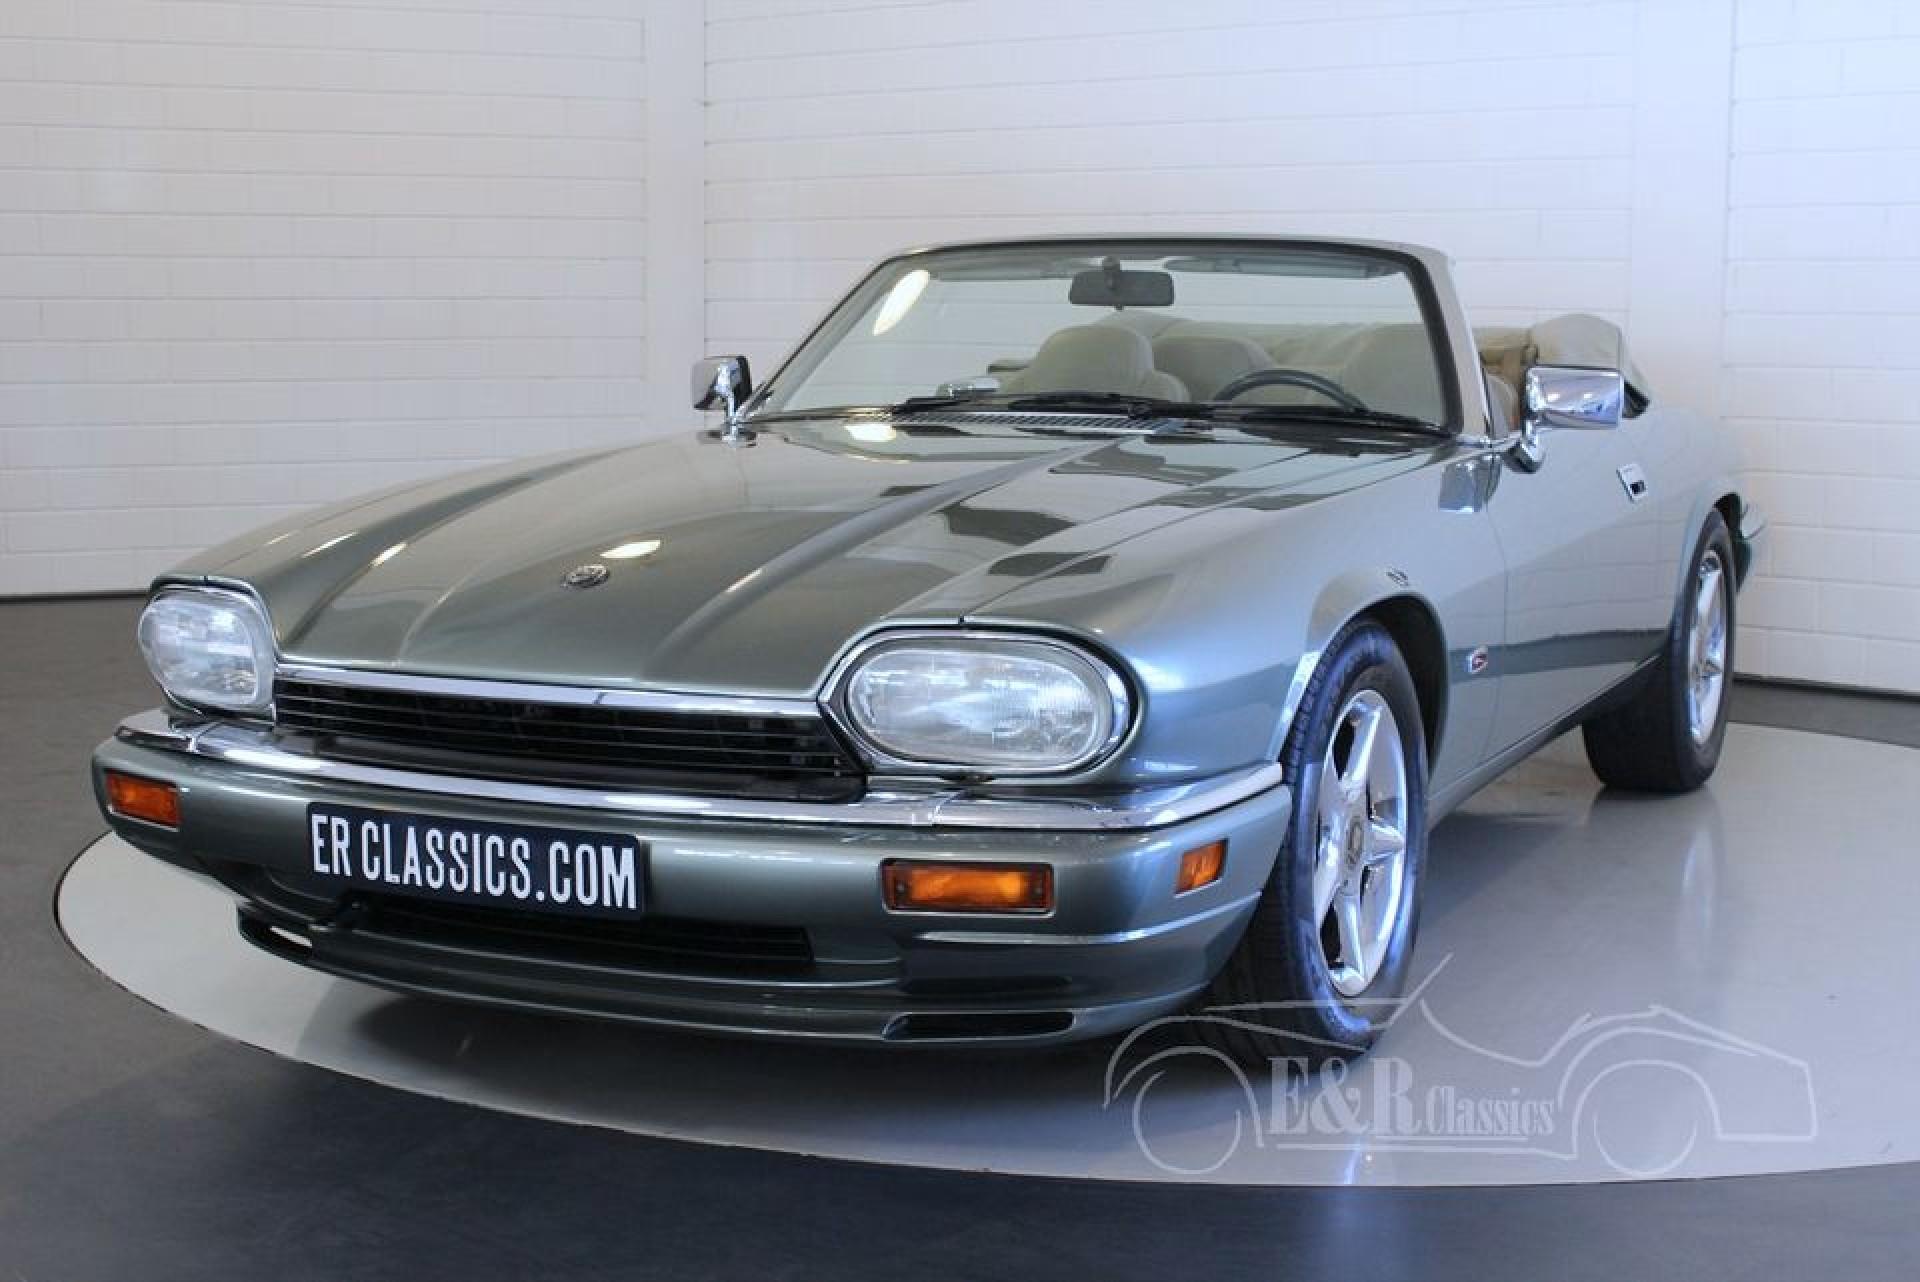 jaguar xjs cabriolet 1995 vendre erclassics. Black Bedroom Furniture Sets. Home Design Ideas